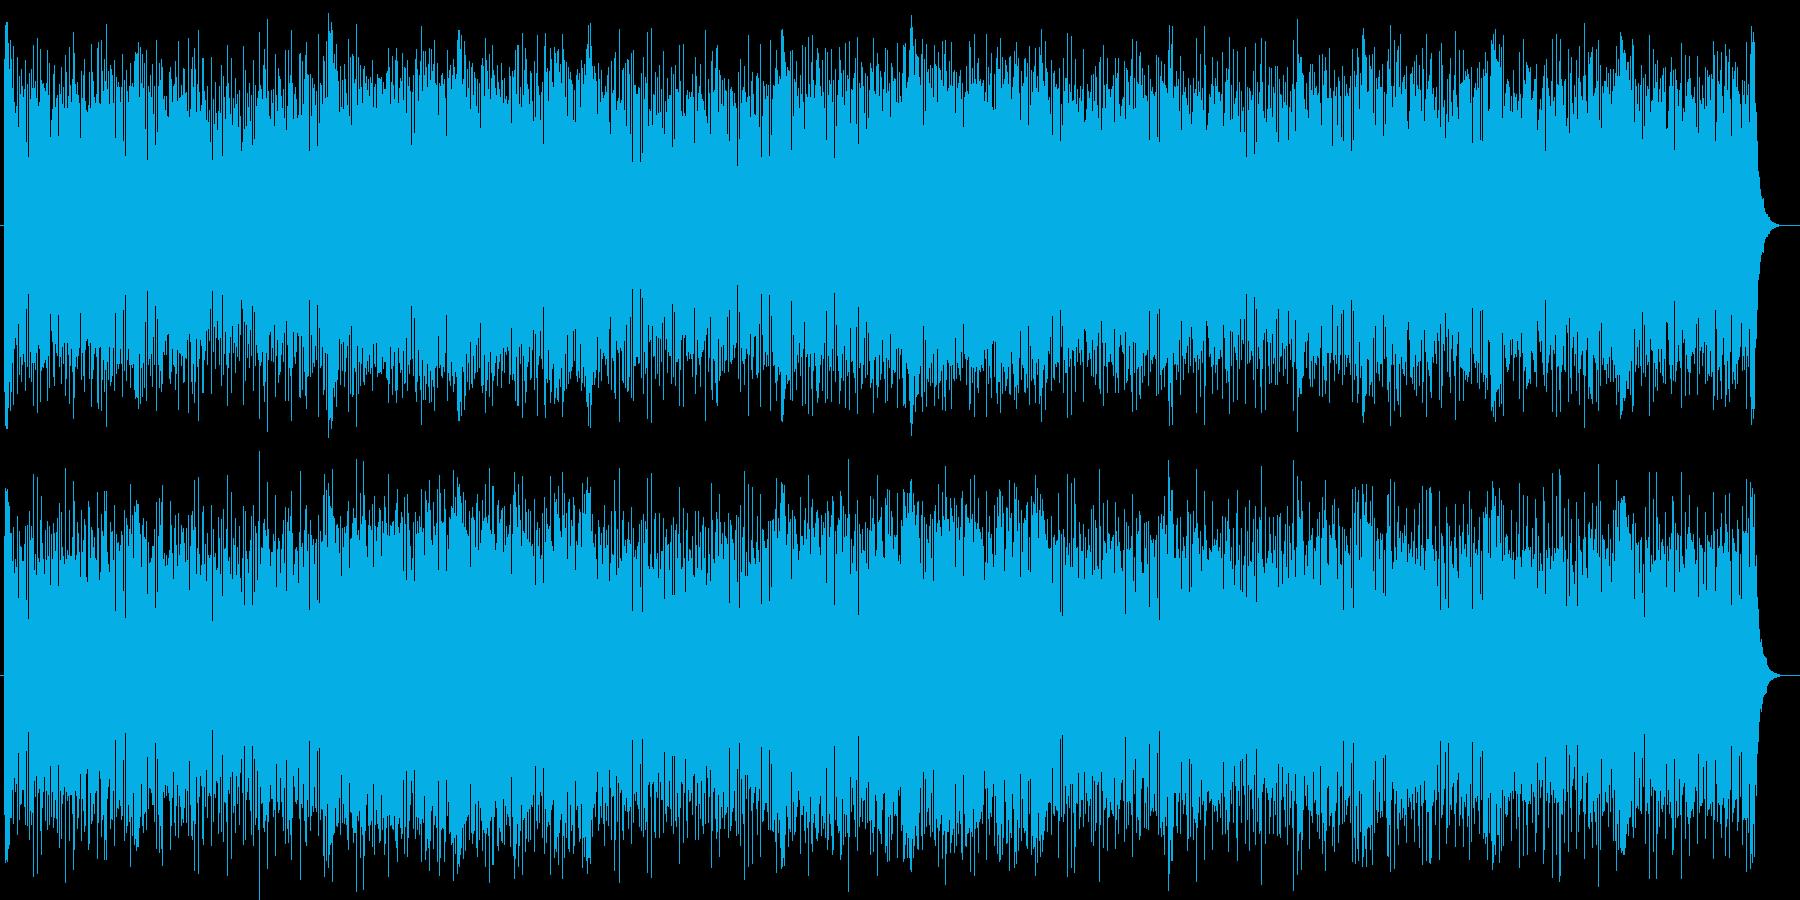 闘争心が高まるシンセサイザーの曲の再生済みの波形